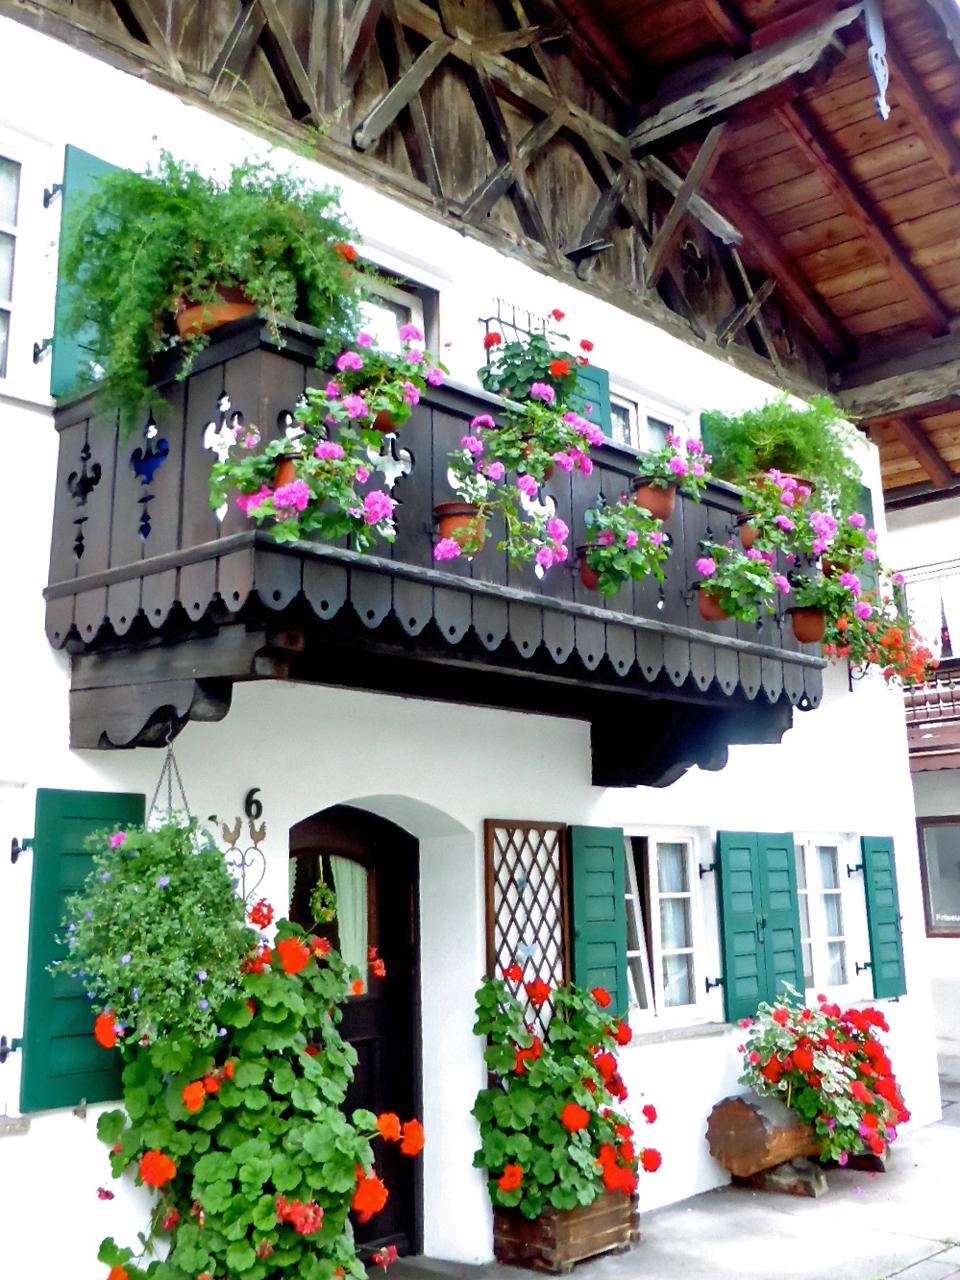 Garmisch-Partinkirchen, Germany